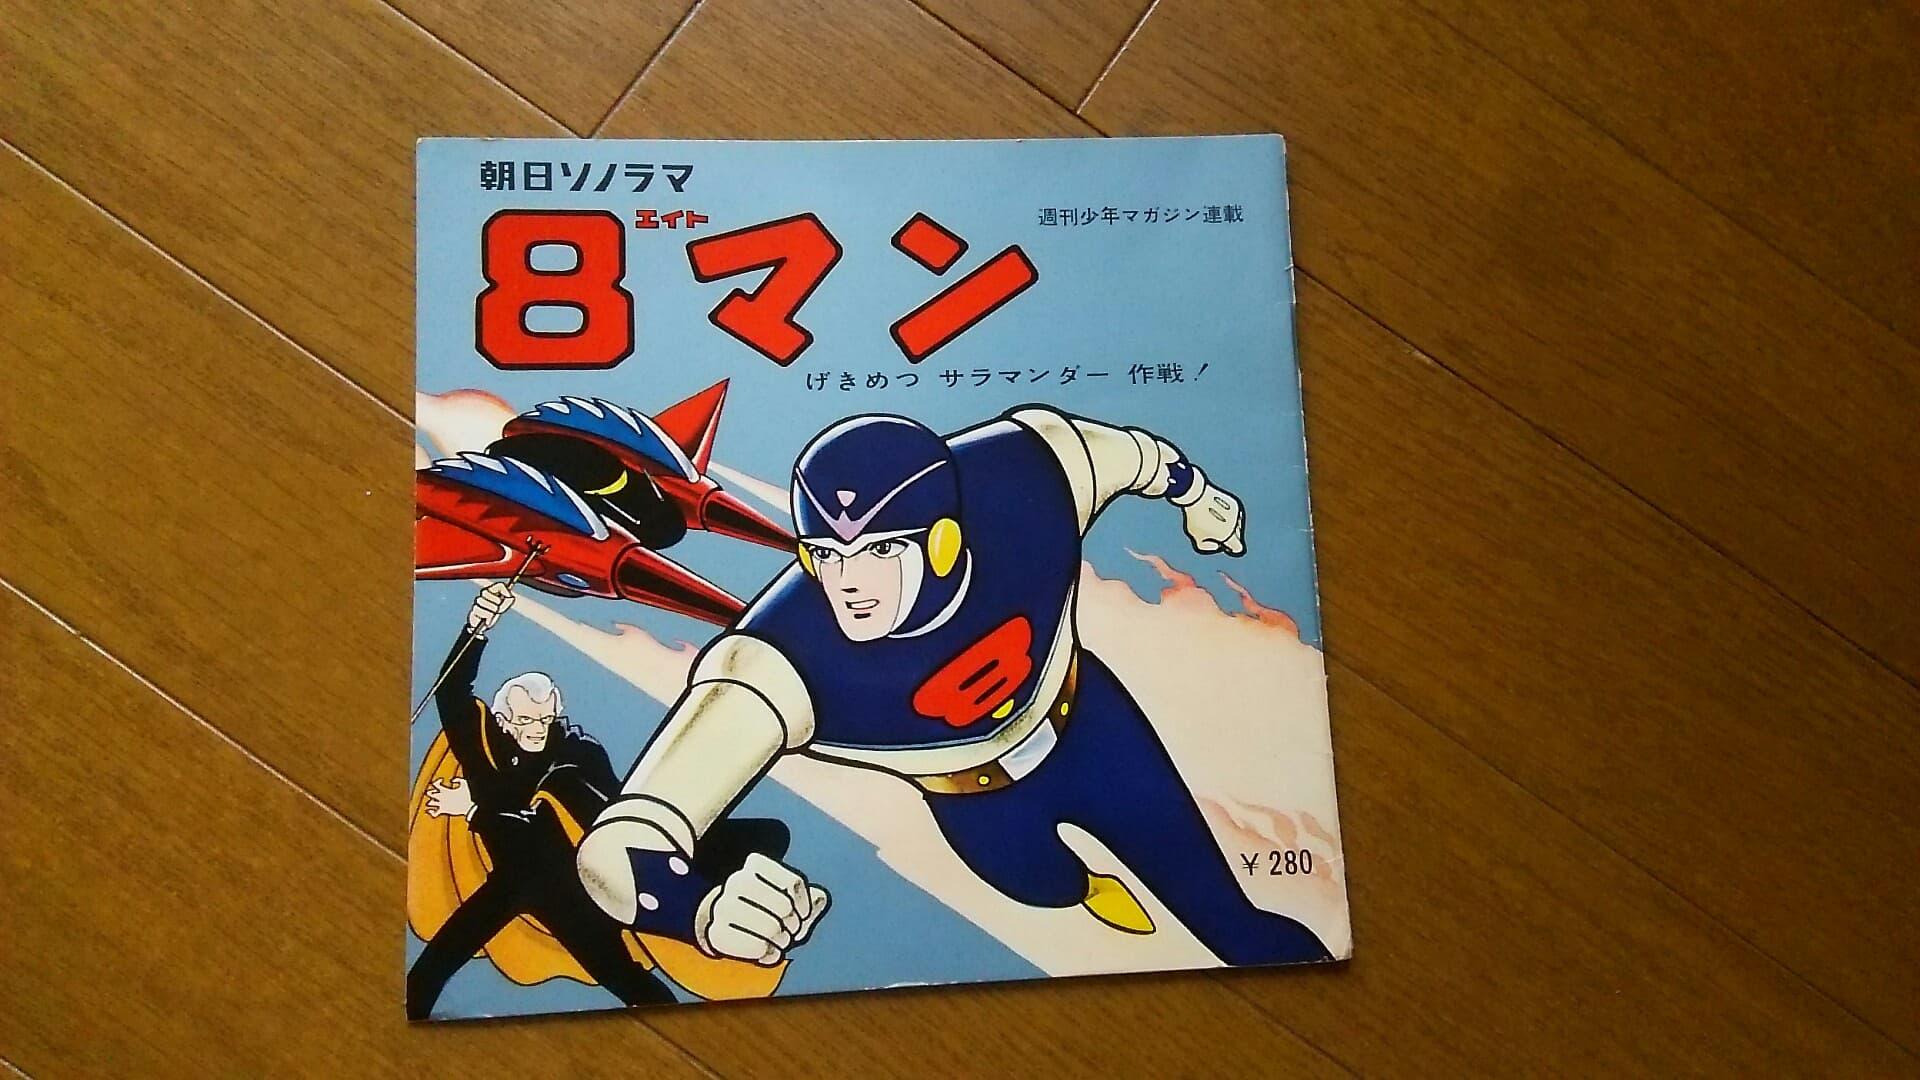 小西正尚の8マン(エイトマン)コレクション